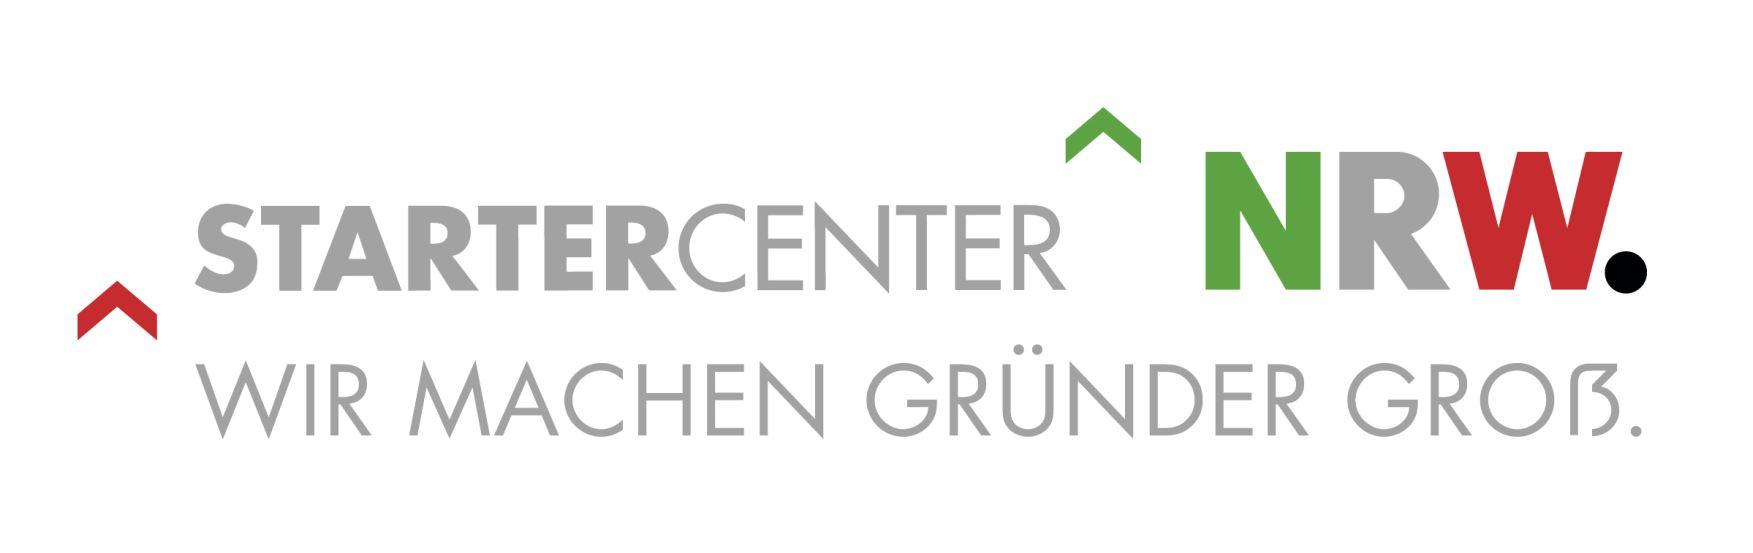 startercenter